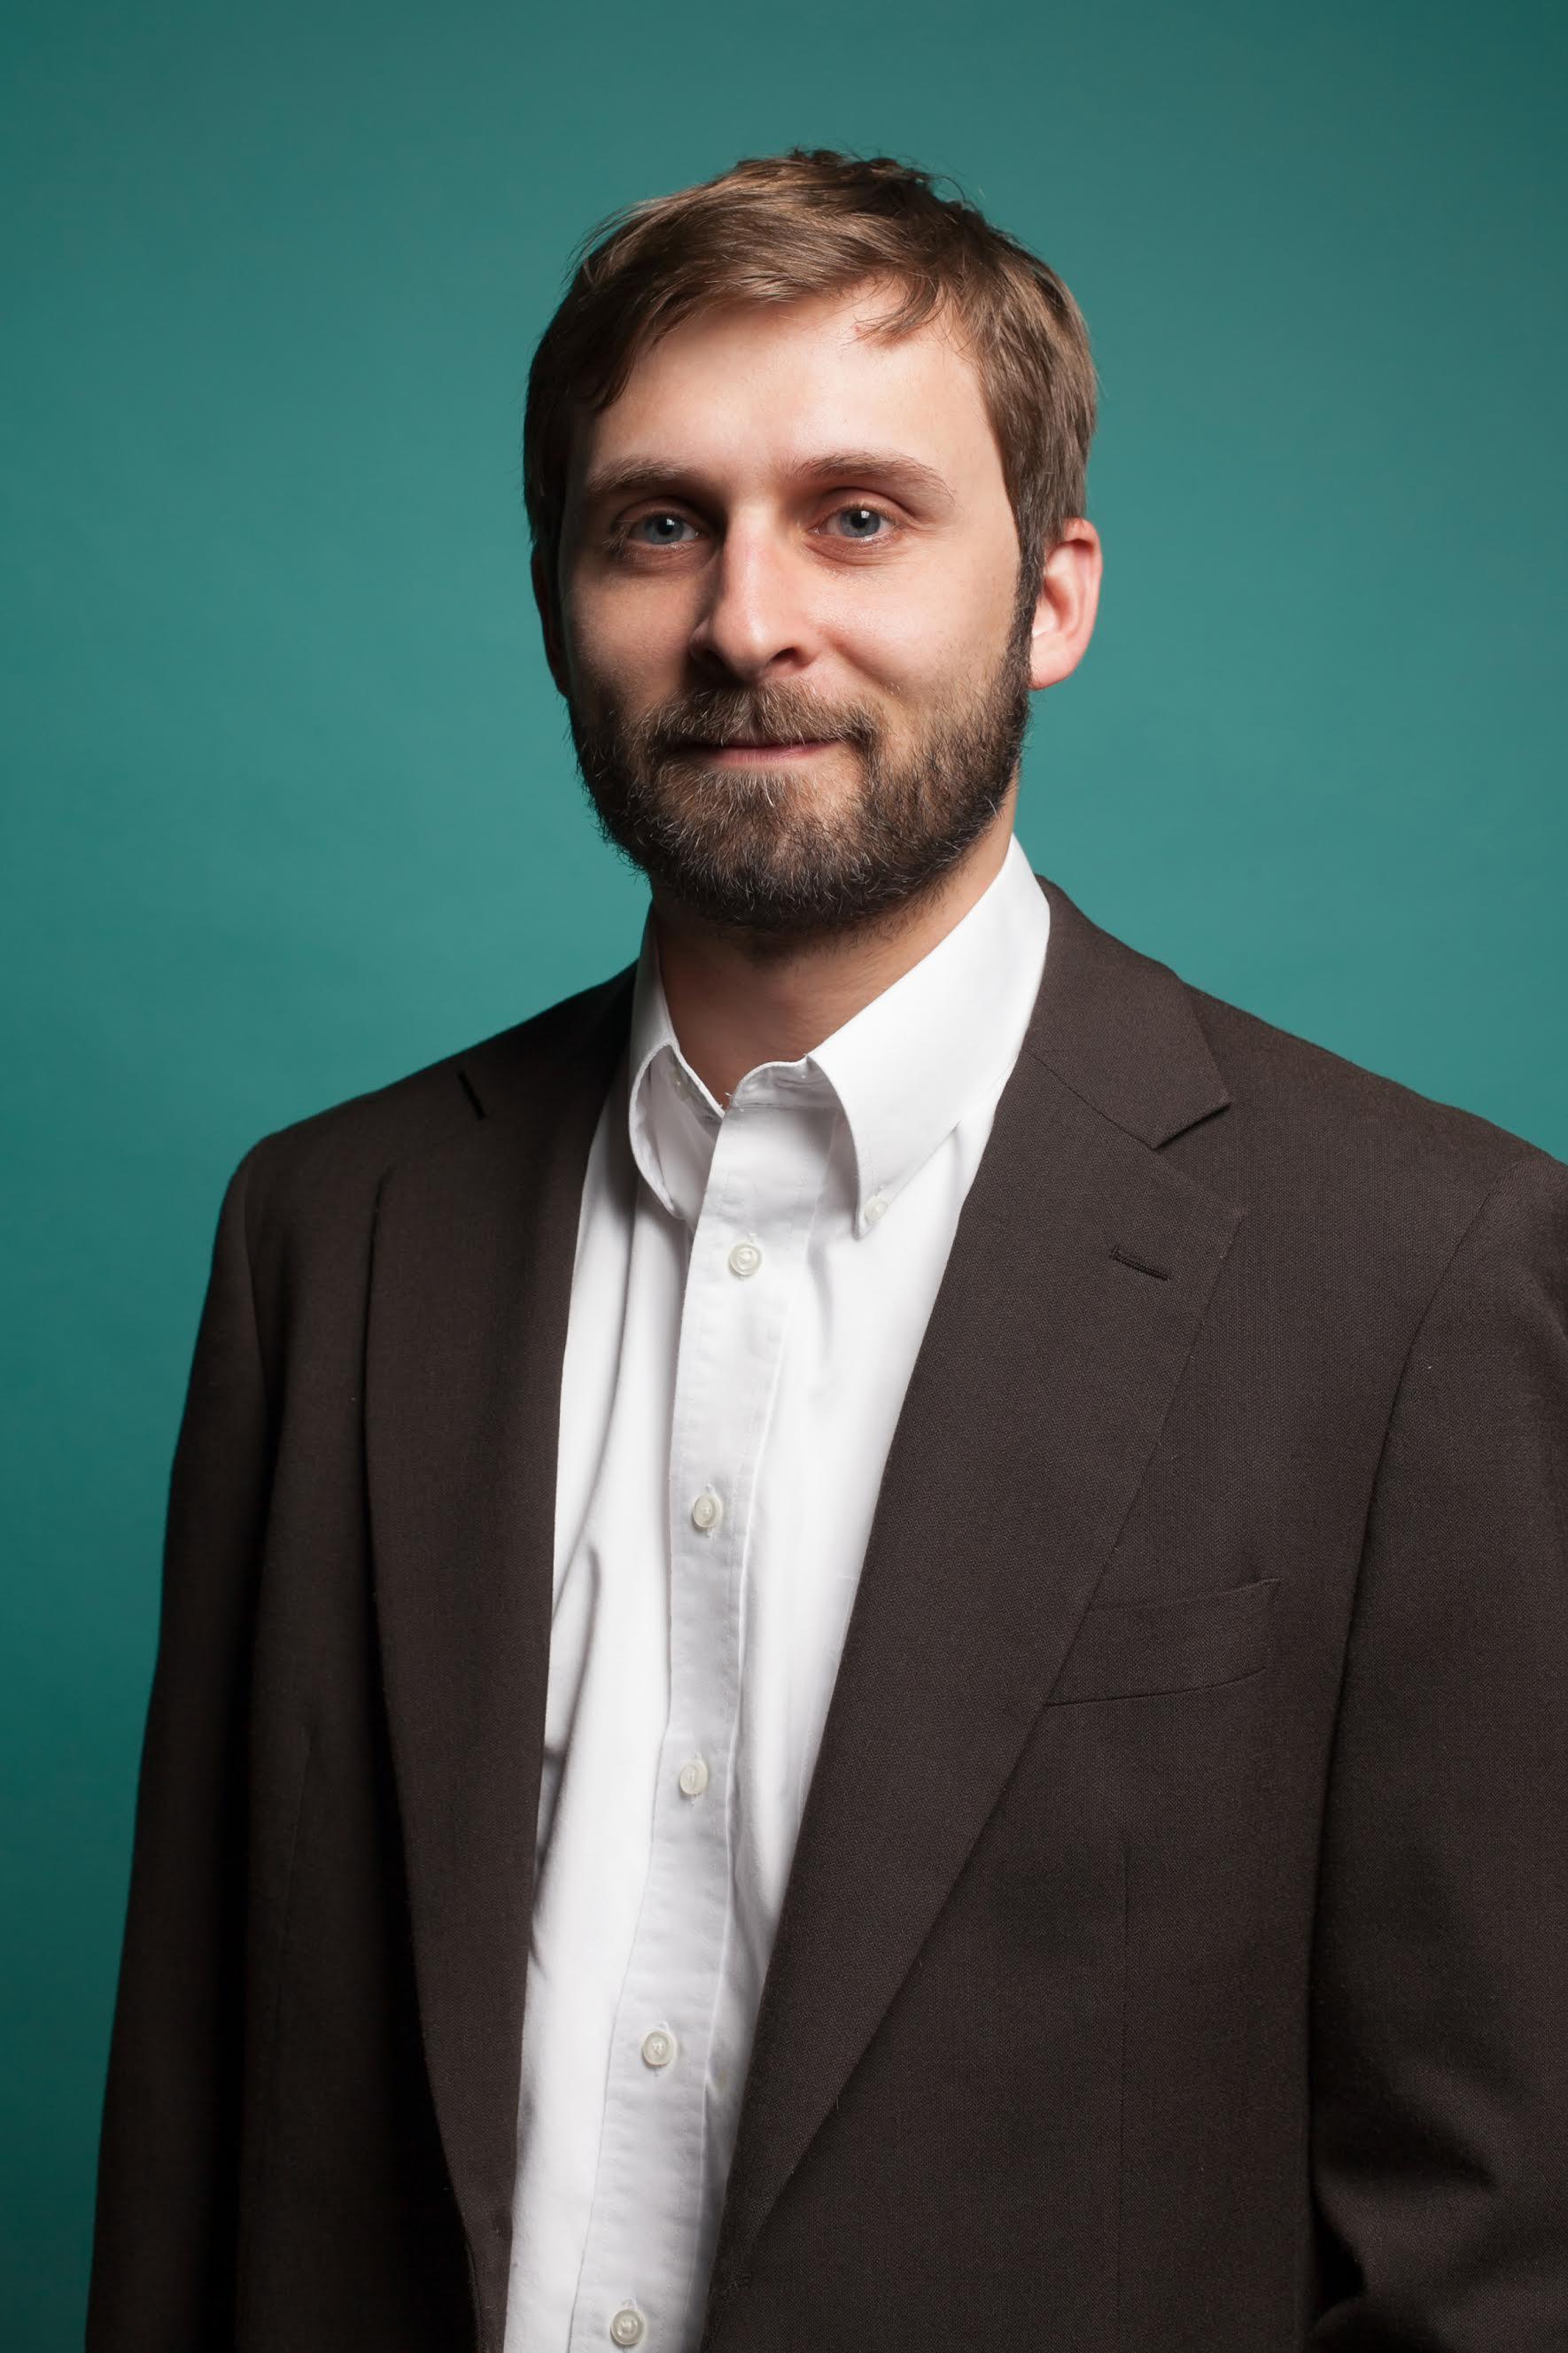 John Foreman, Chief Data Scientist, MailChimp